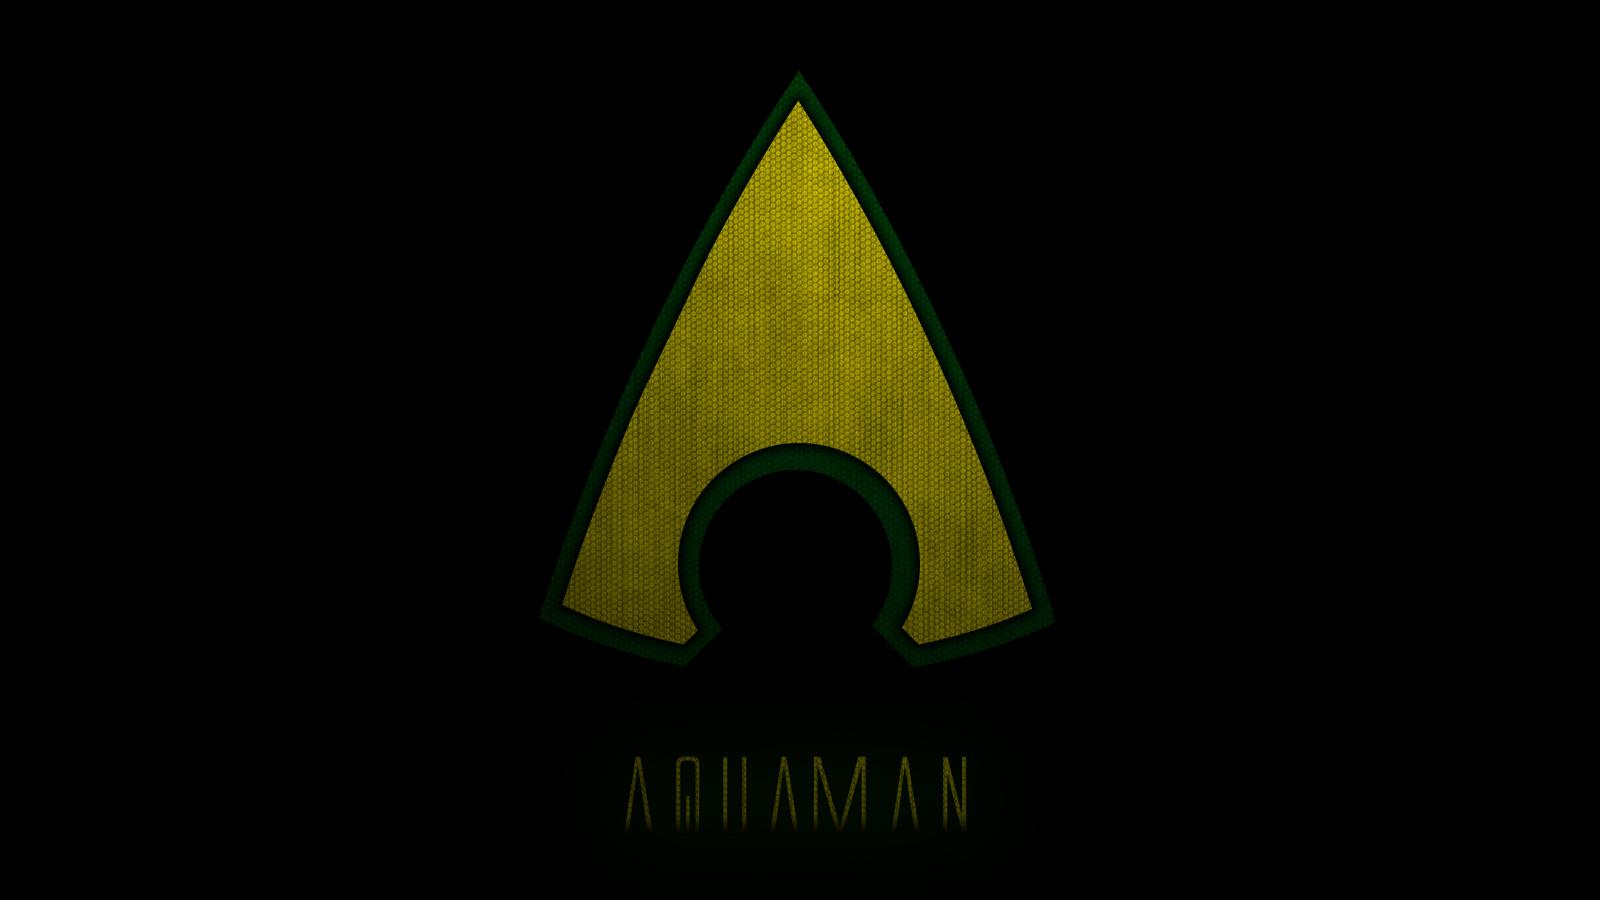 Aquaman Symbol by DeiN...